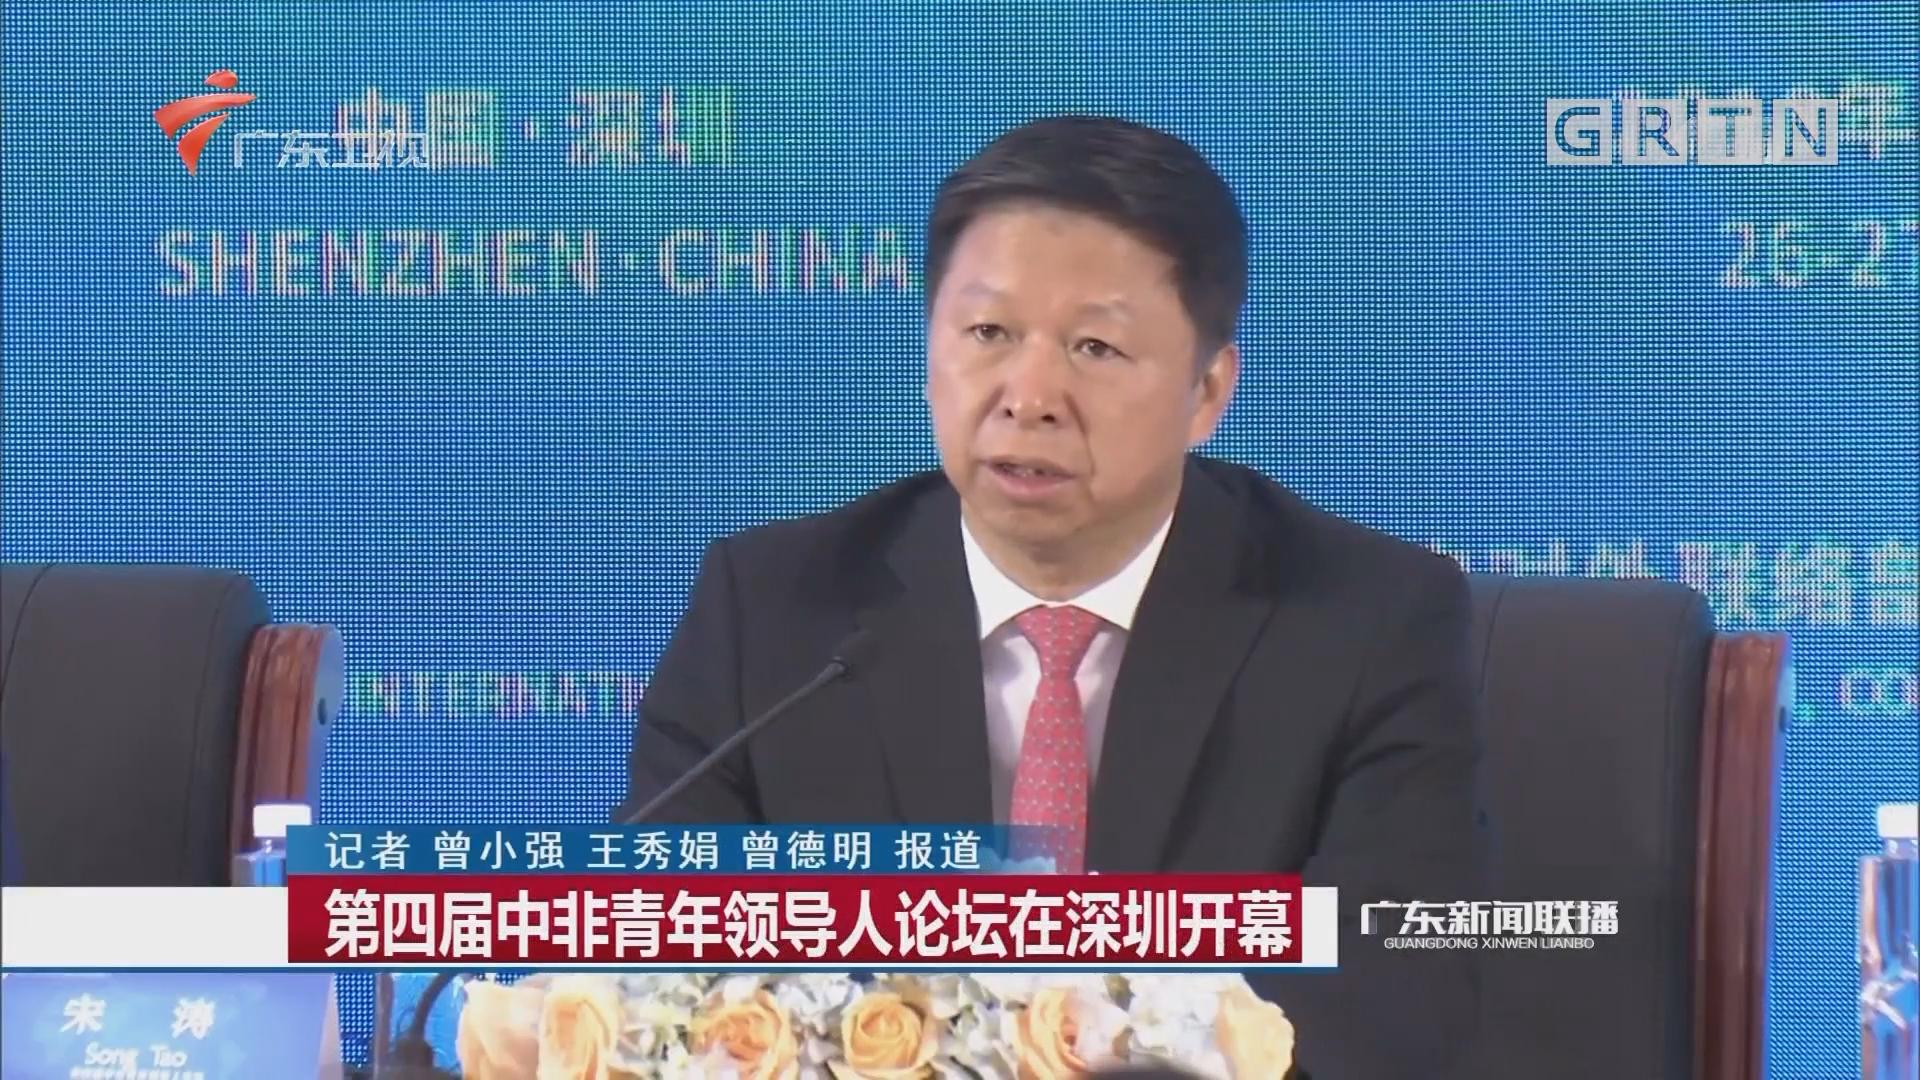 第四届中非青年领导人论坛在深圳开幕